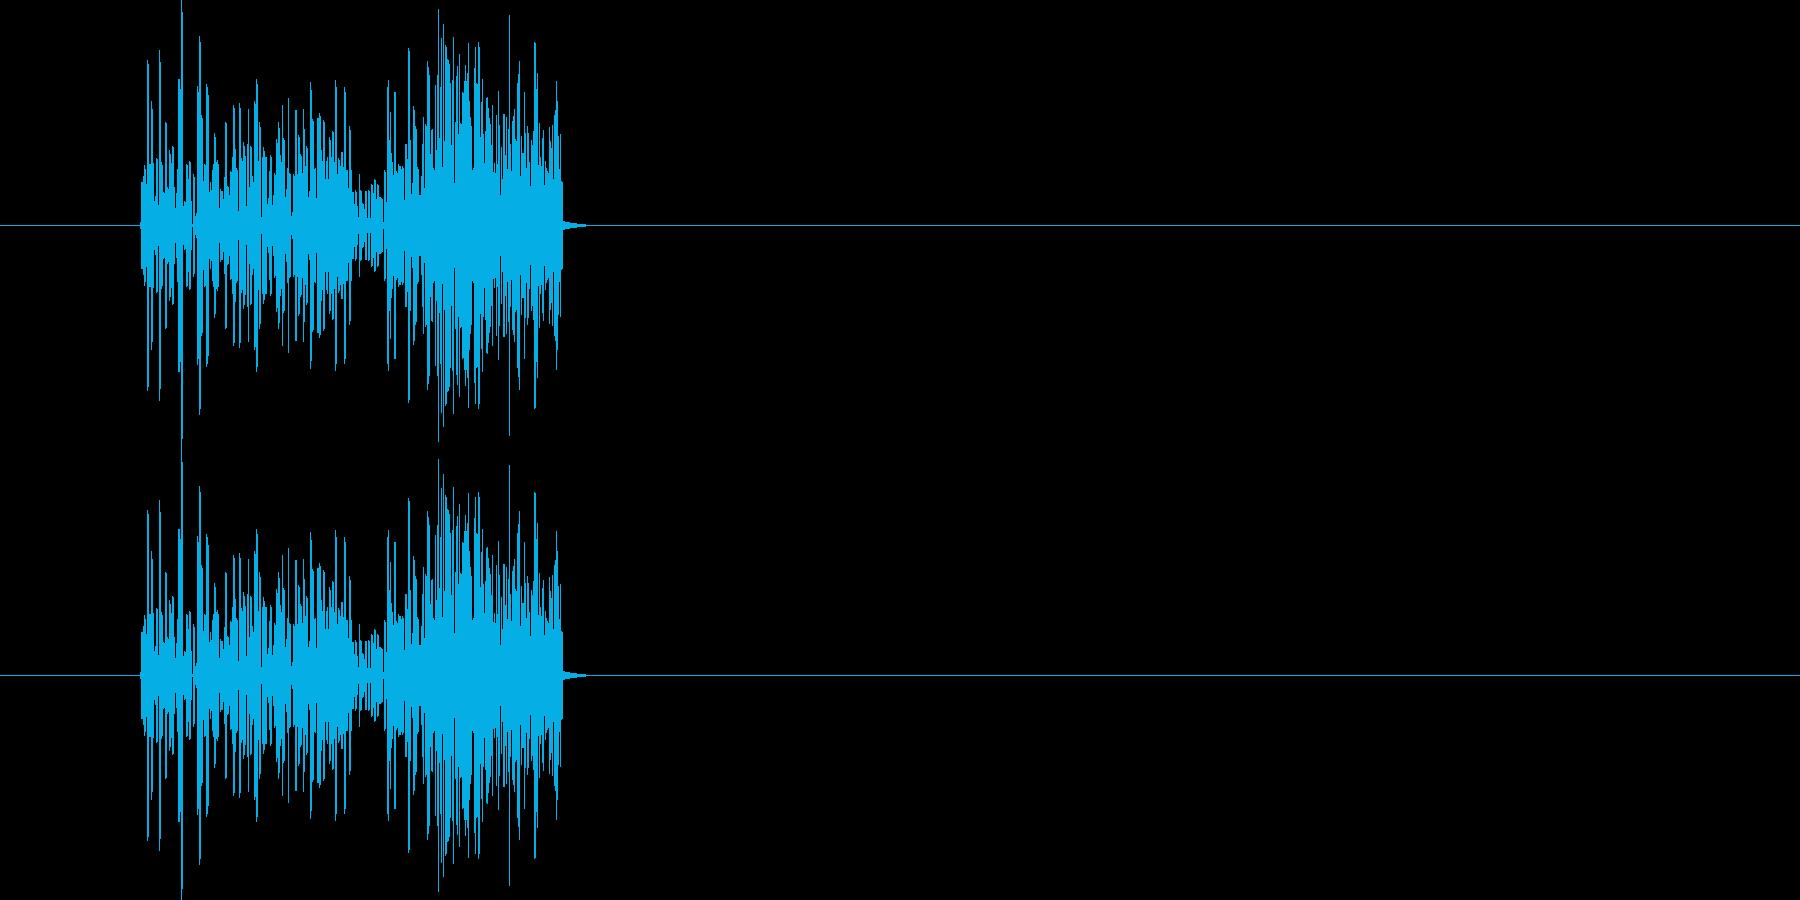 爆発音 昔のゲームの爆発音の再生済みの波形